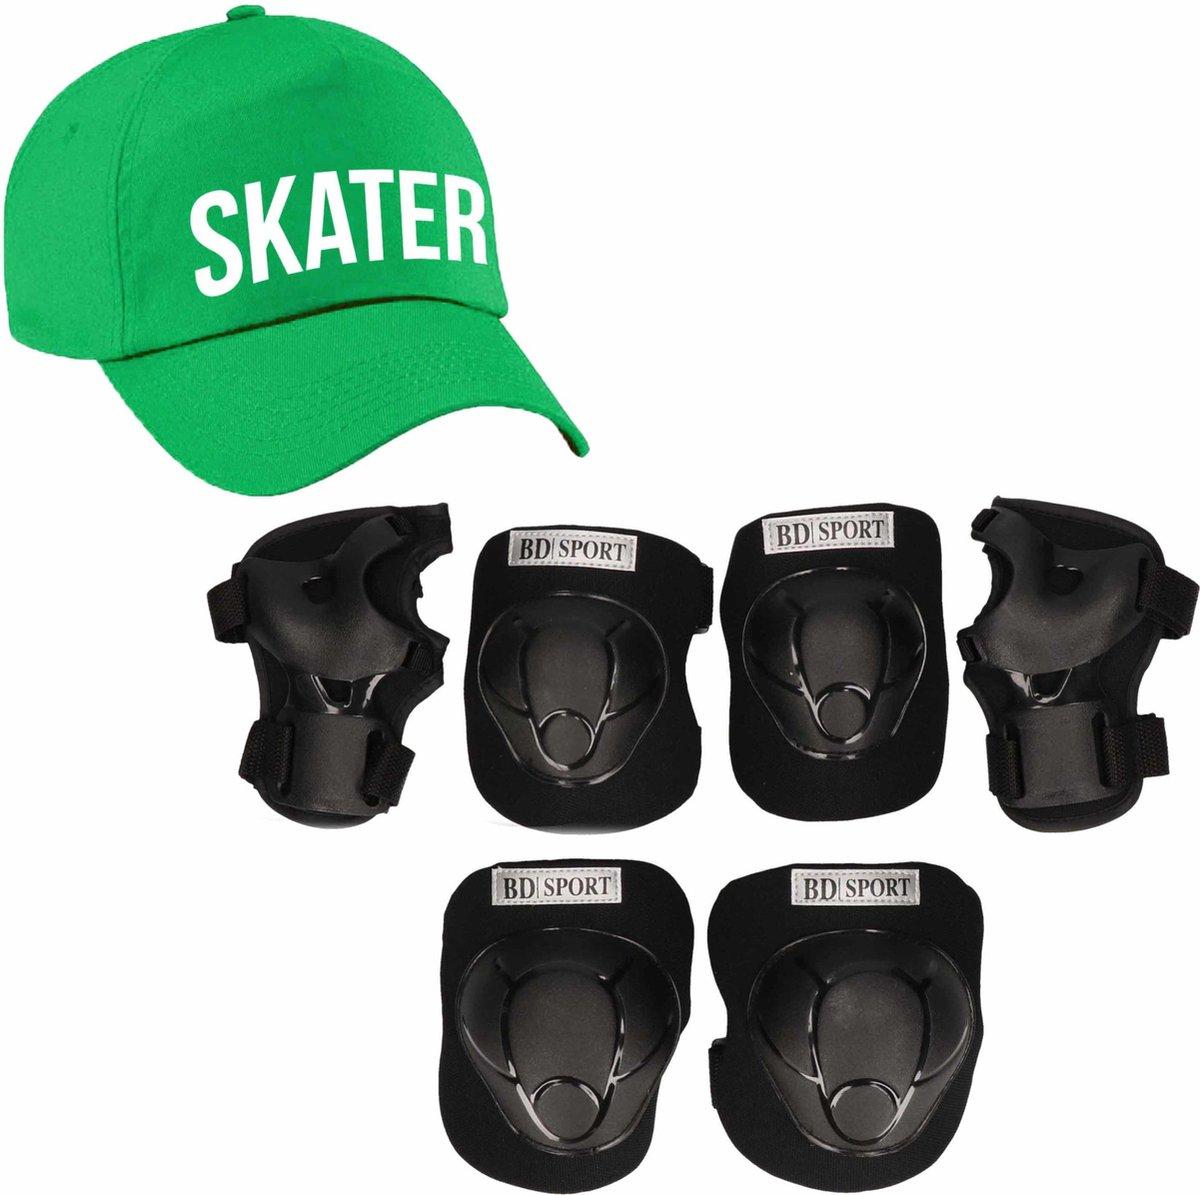 Set van valbescherming voor kinderen maat S / 4 tot 5 jaar met een stoere SKATER pet groen